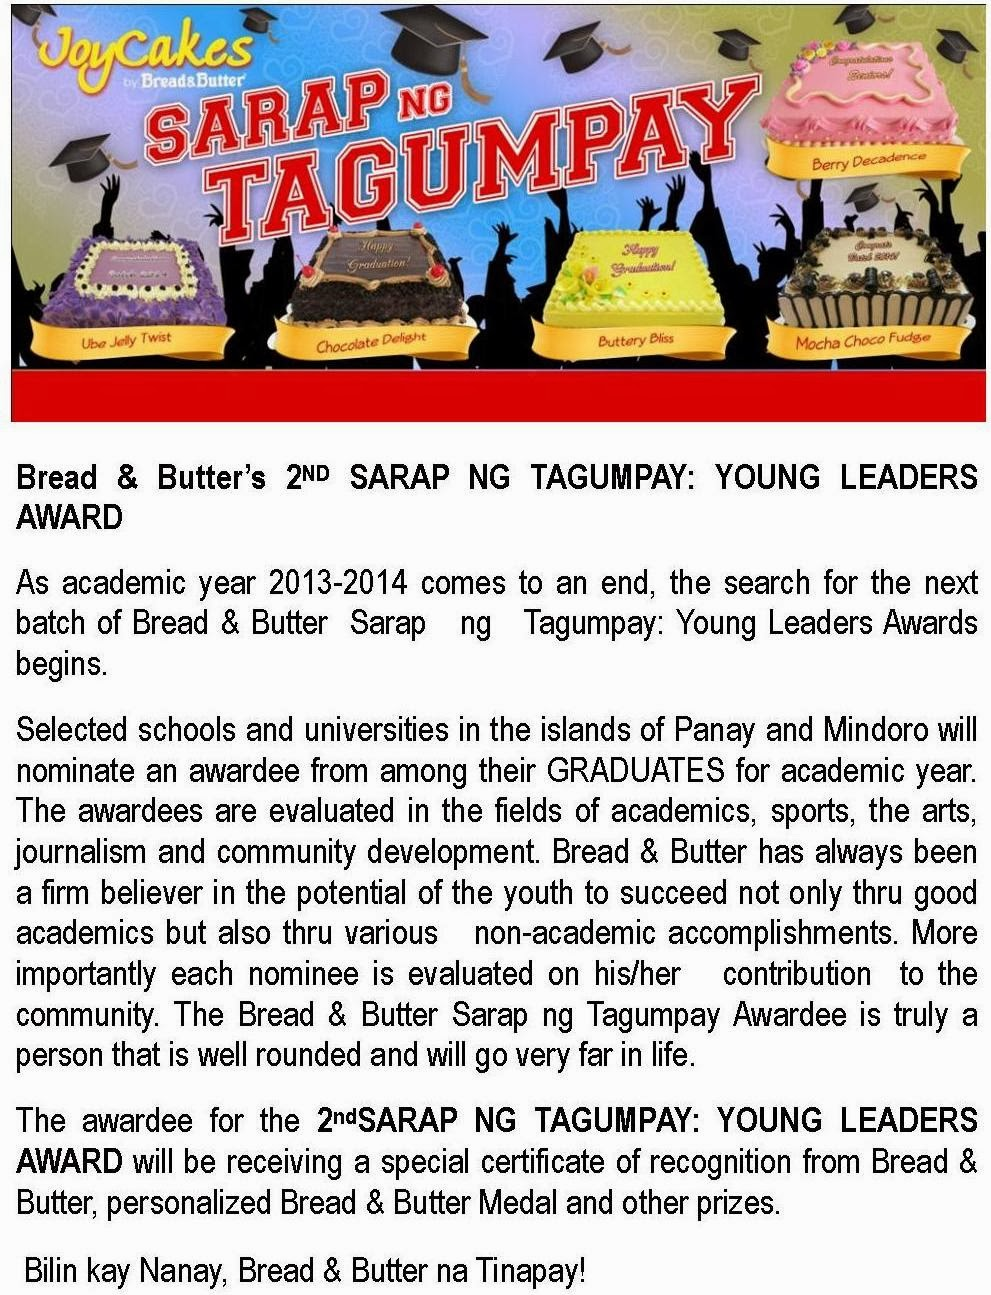 2nd Sarap ng Tagumpay: Young Leaders Award